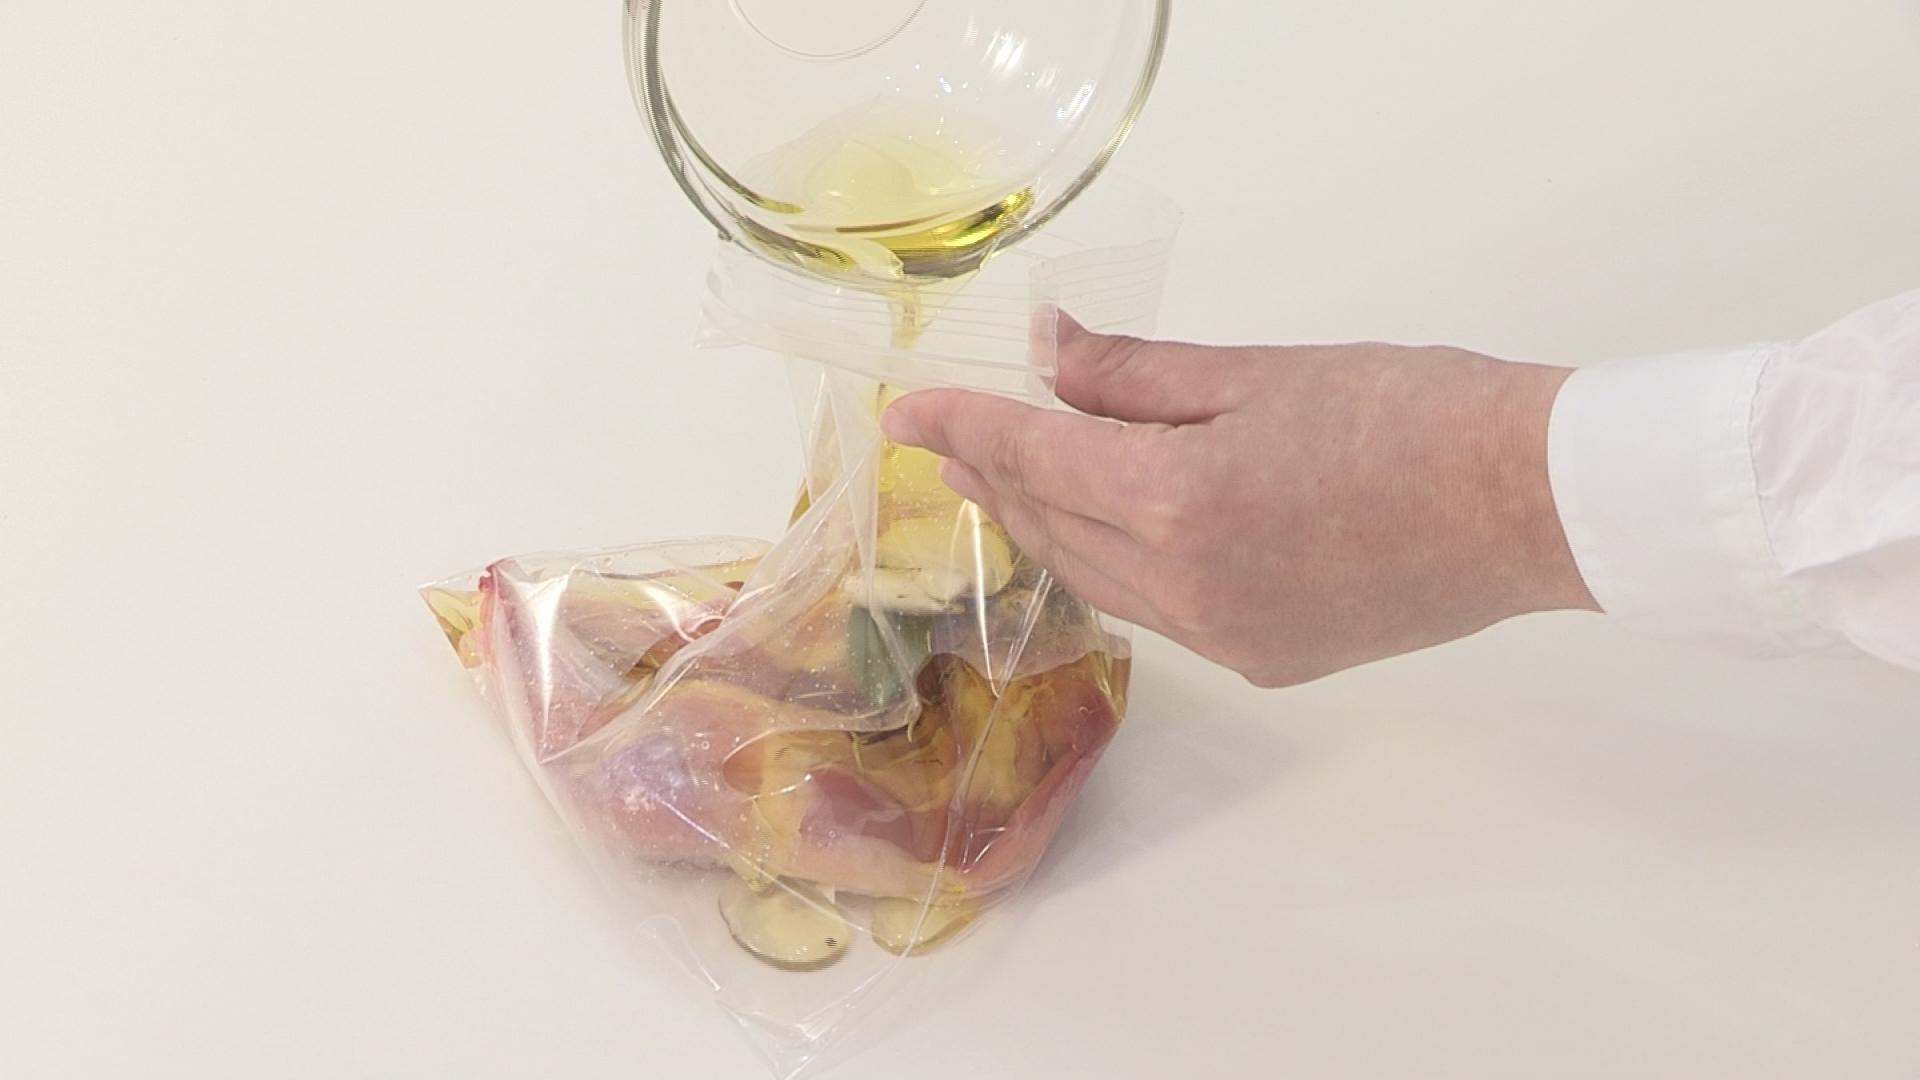 ①の鶏肉の水気をよくふいて、ファスナー付きの保存袋に入れます。Aを入て、鶏肉がかぶるまでオリーブ油を注ぎ、空気を抜きながら、口をしっかりと閉めます。